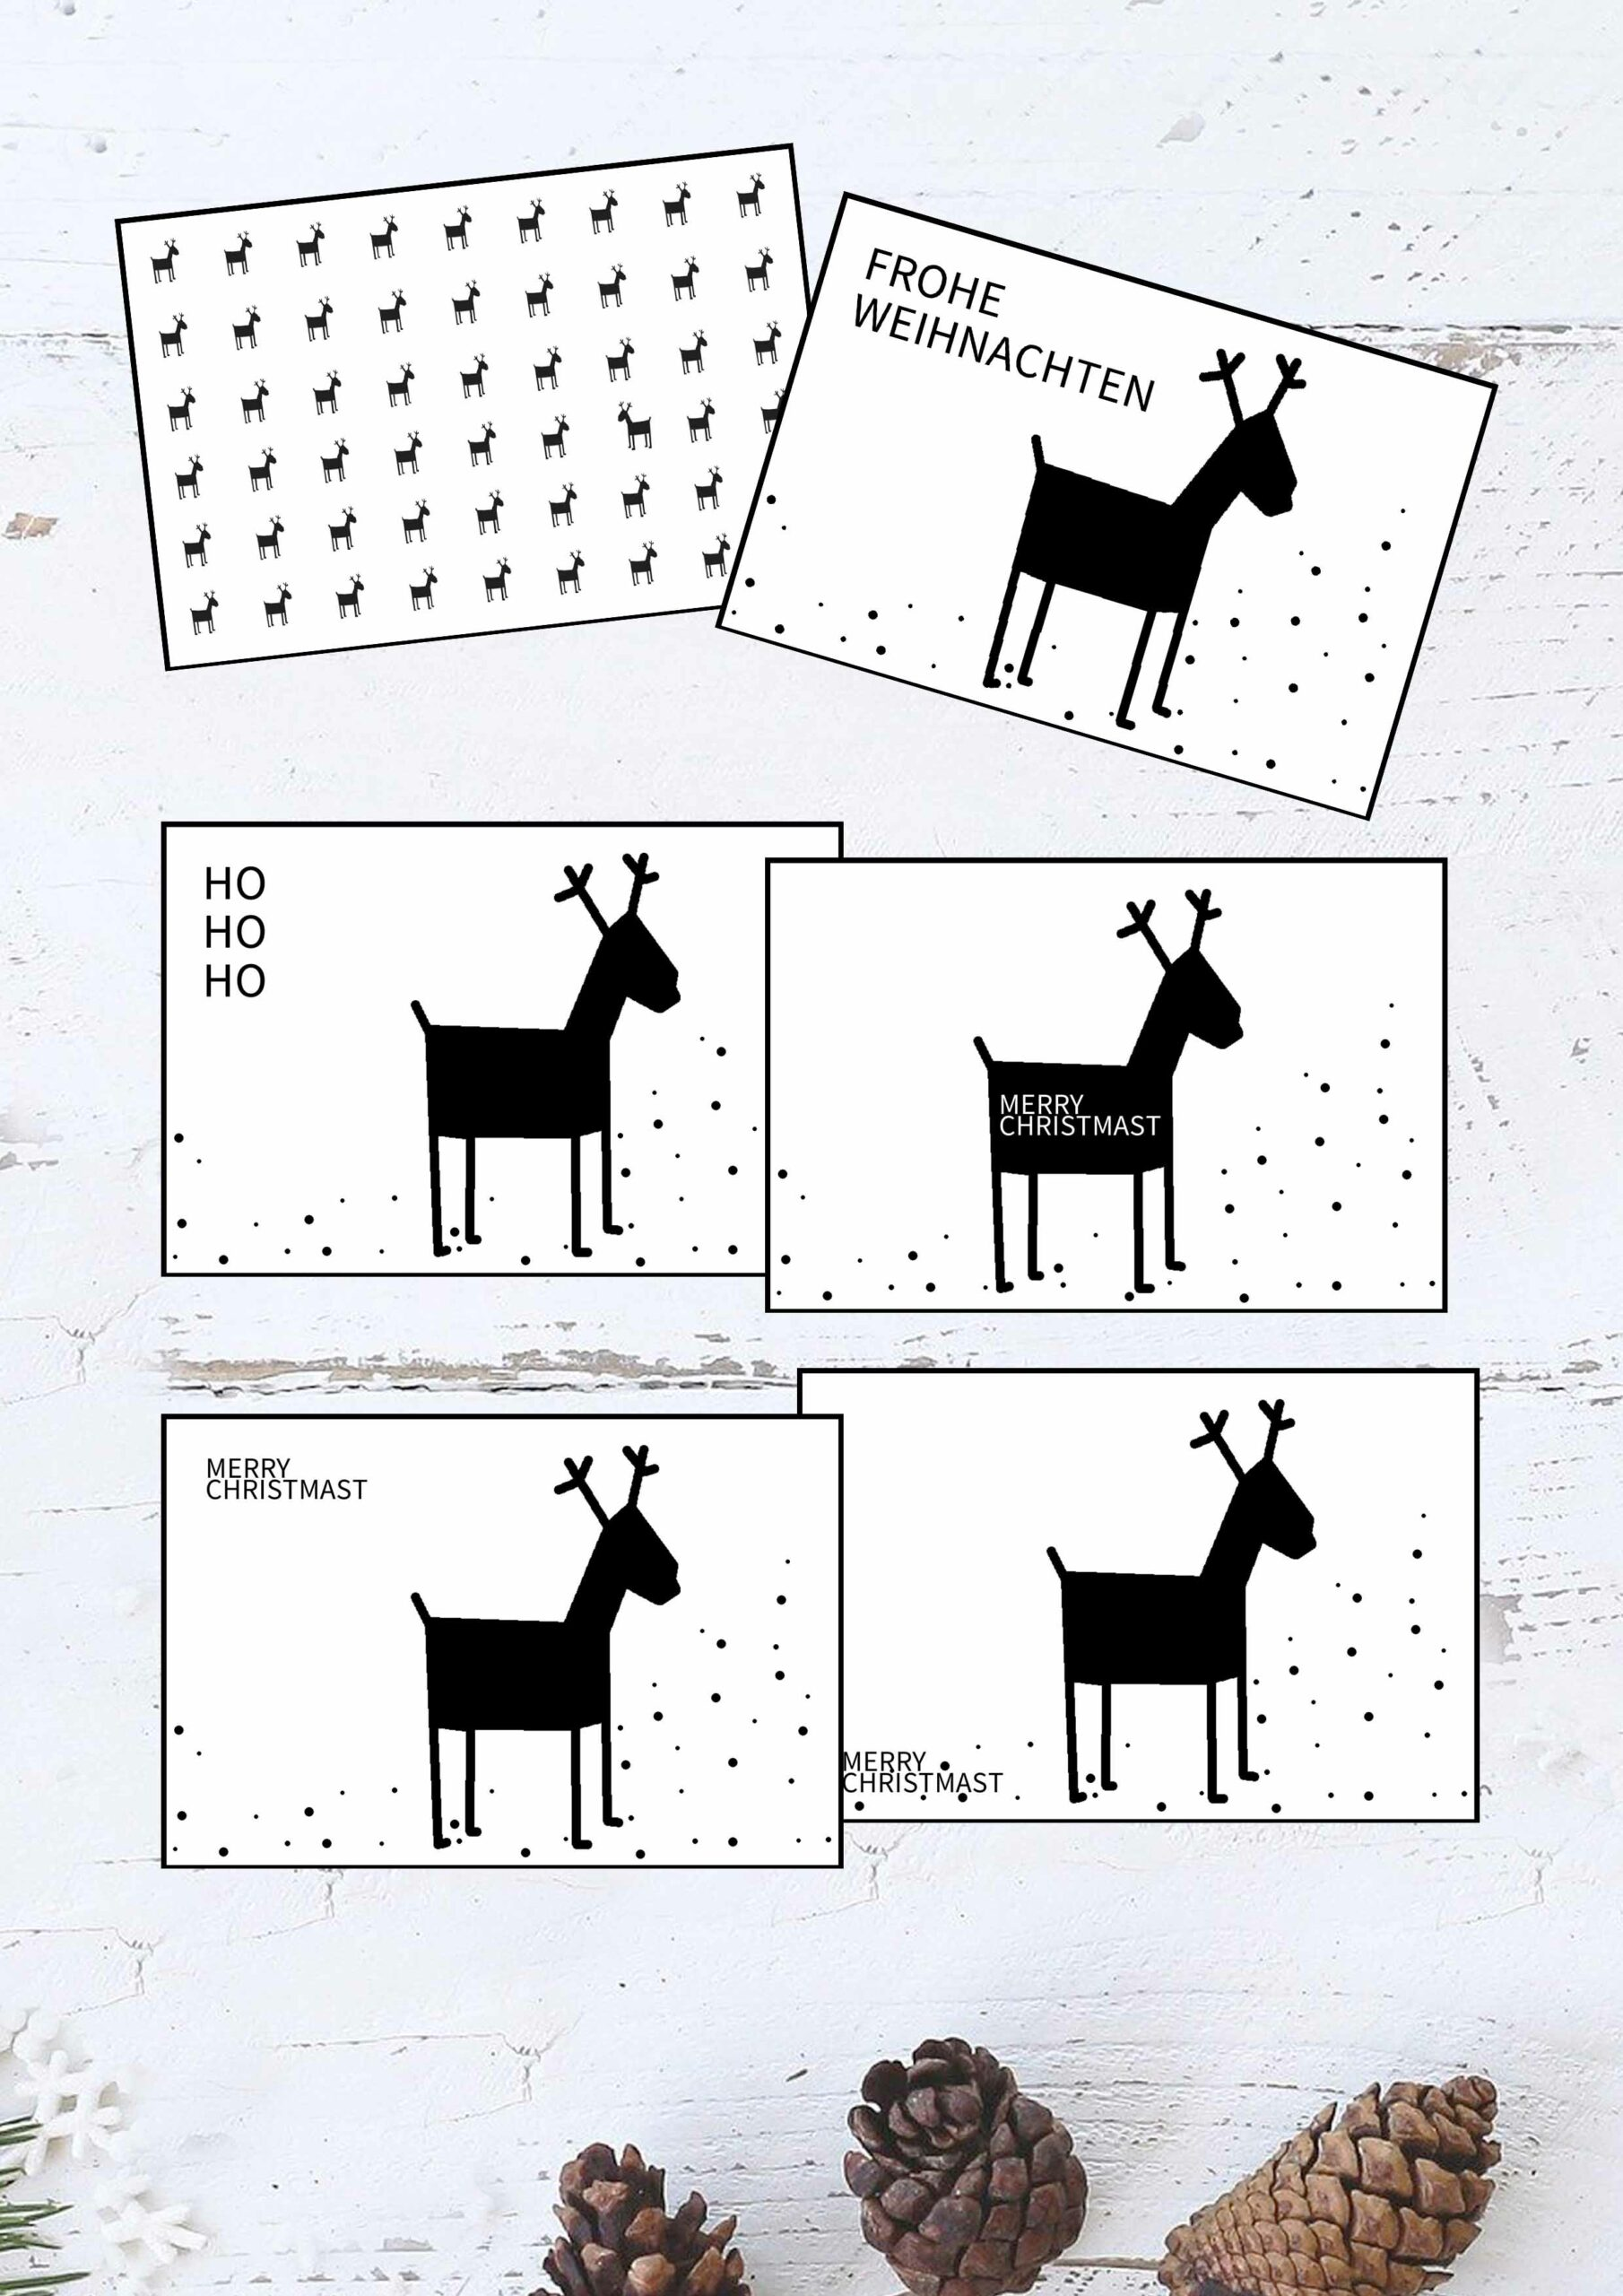 Druckvorlagen für minimalistische Weihnachtskarten